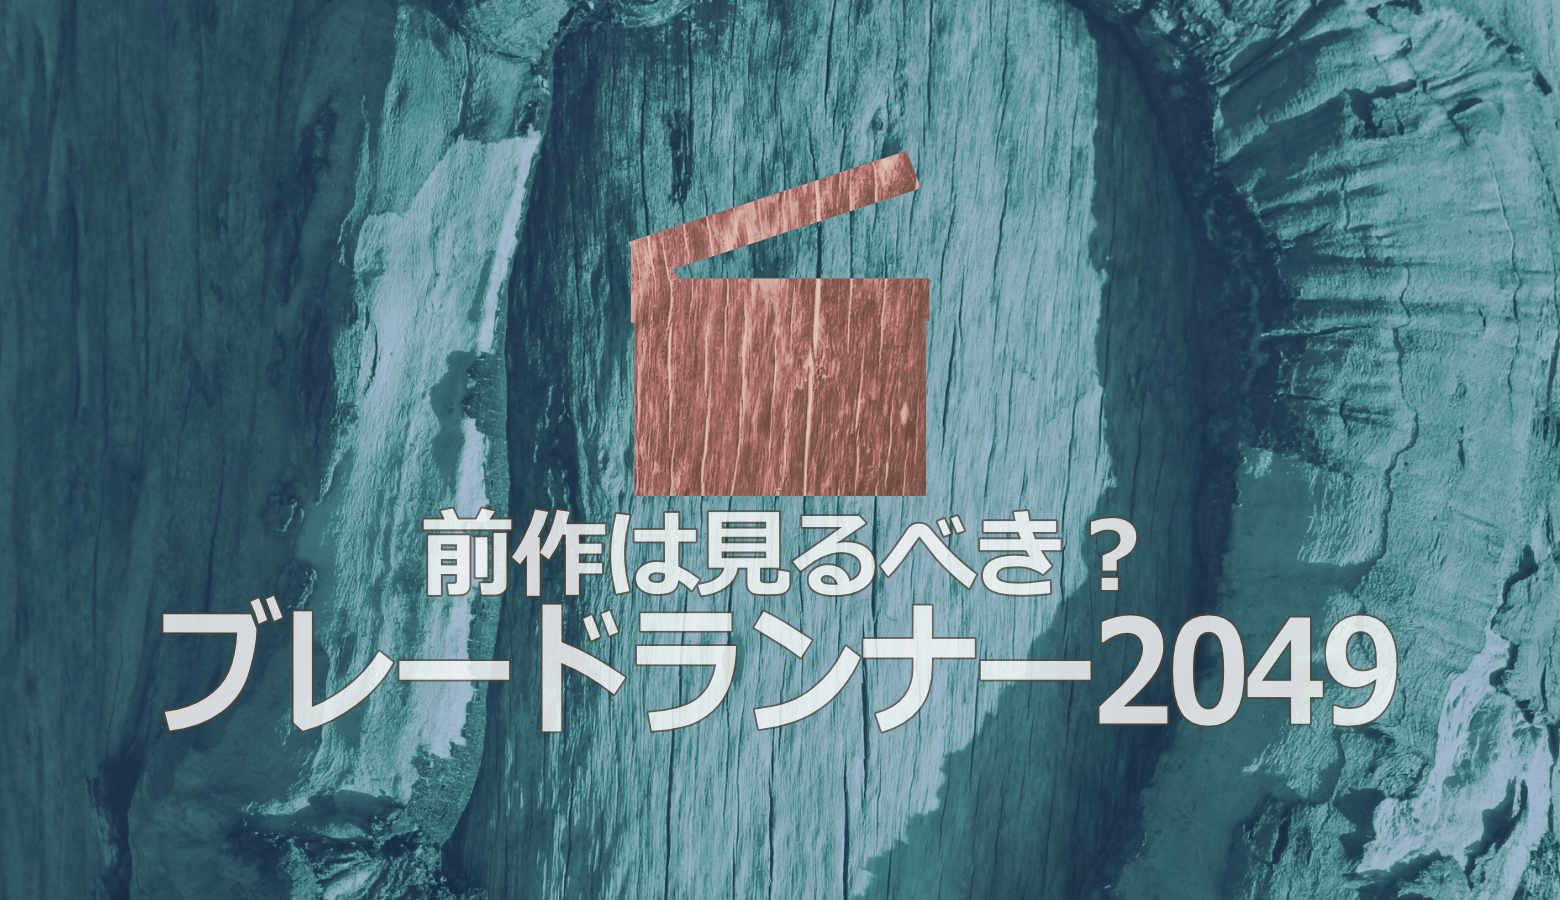 日本公開初日にブレードランナー2049を見ました。前作は見ておくべきか?【後編・映画】